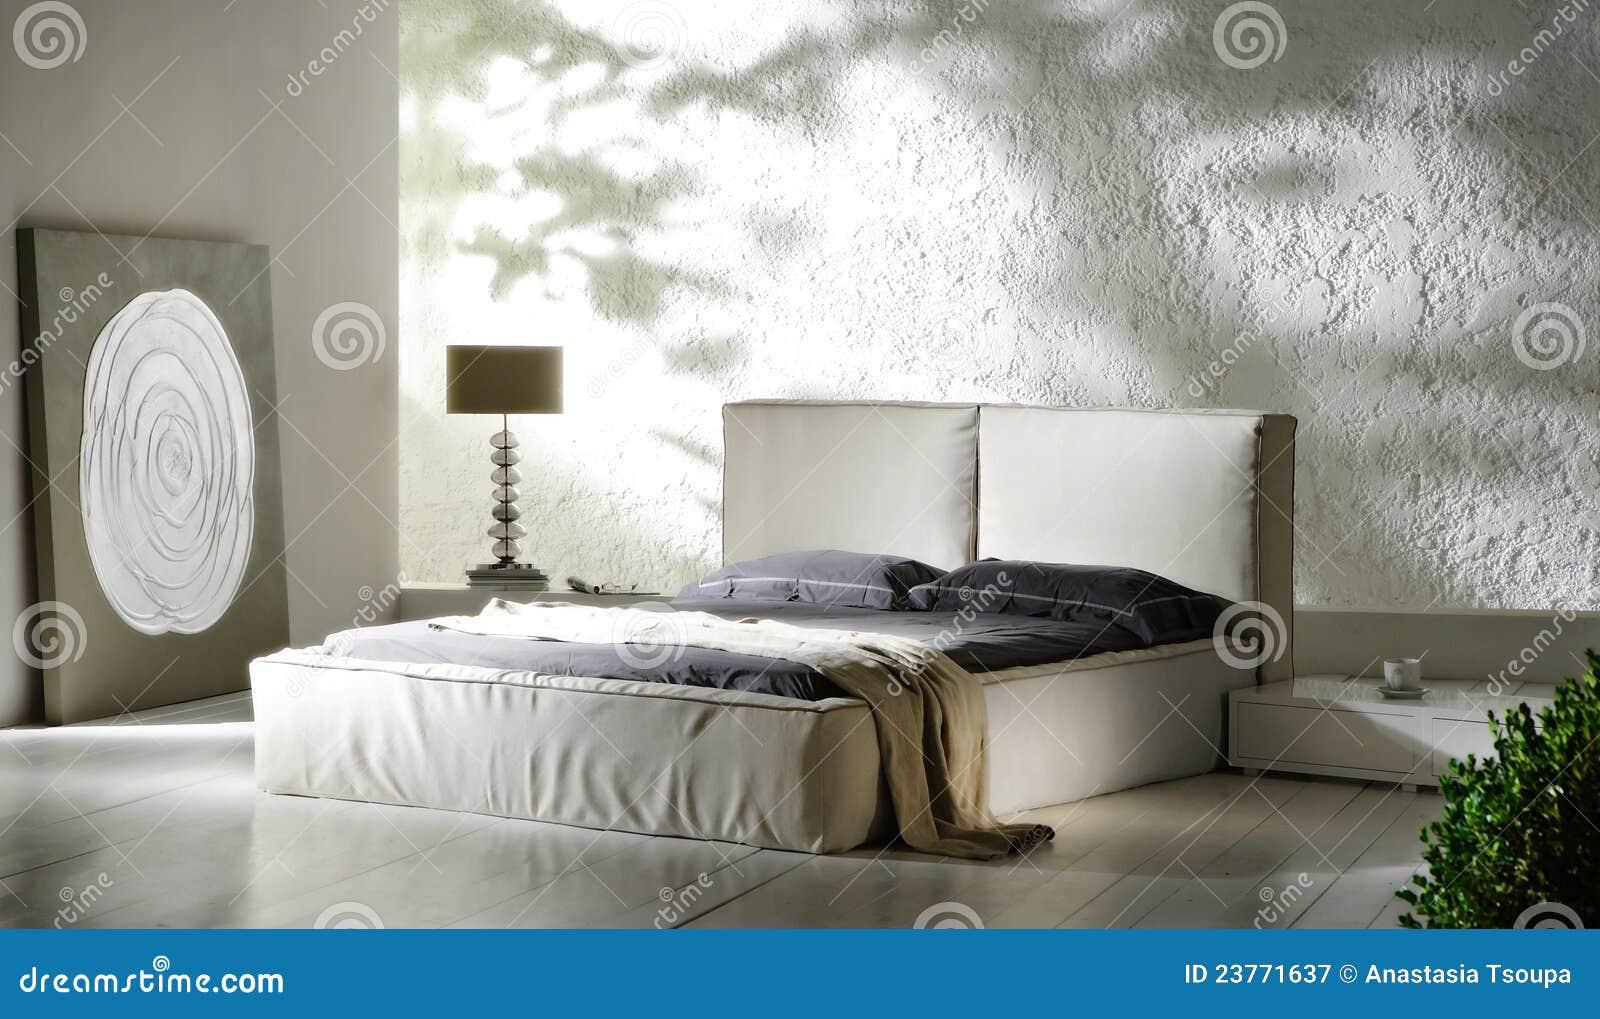 Industriële slaapkamer stock afbeelding. Afbeelding bestaande uit ...